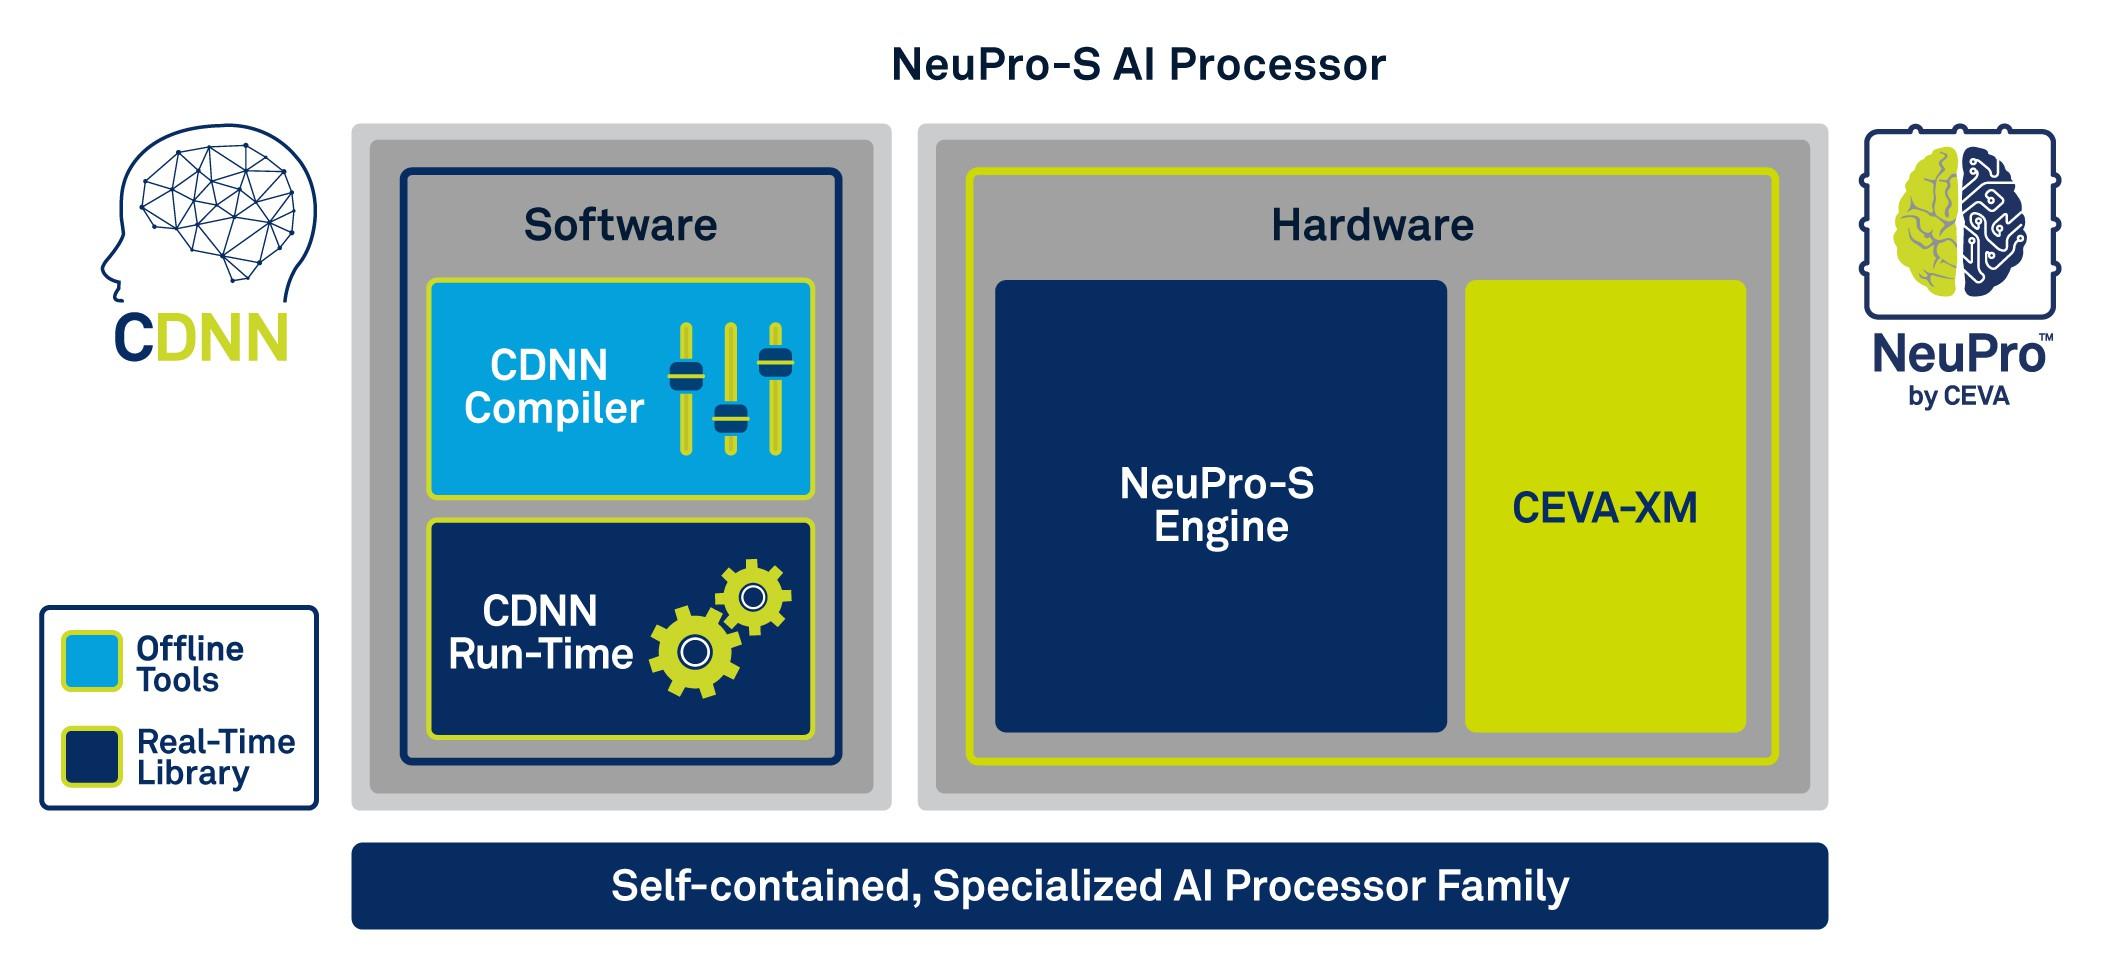 CEVA推出全新边缘设备AI推理处理器架构 为定制神经网络引擎提供协处理支持